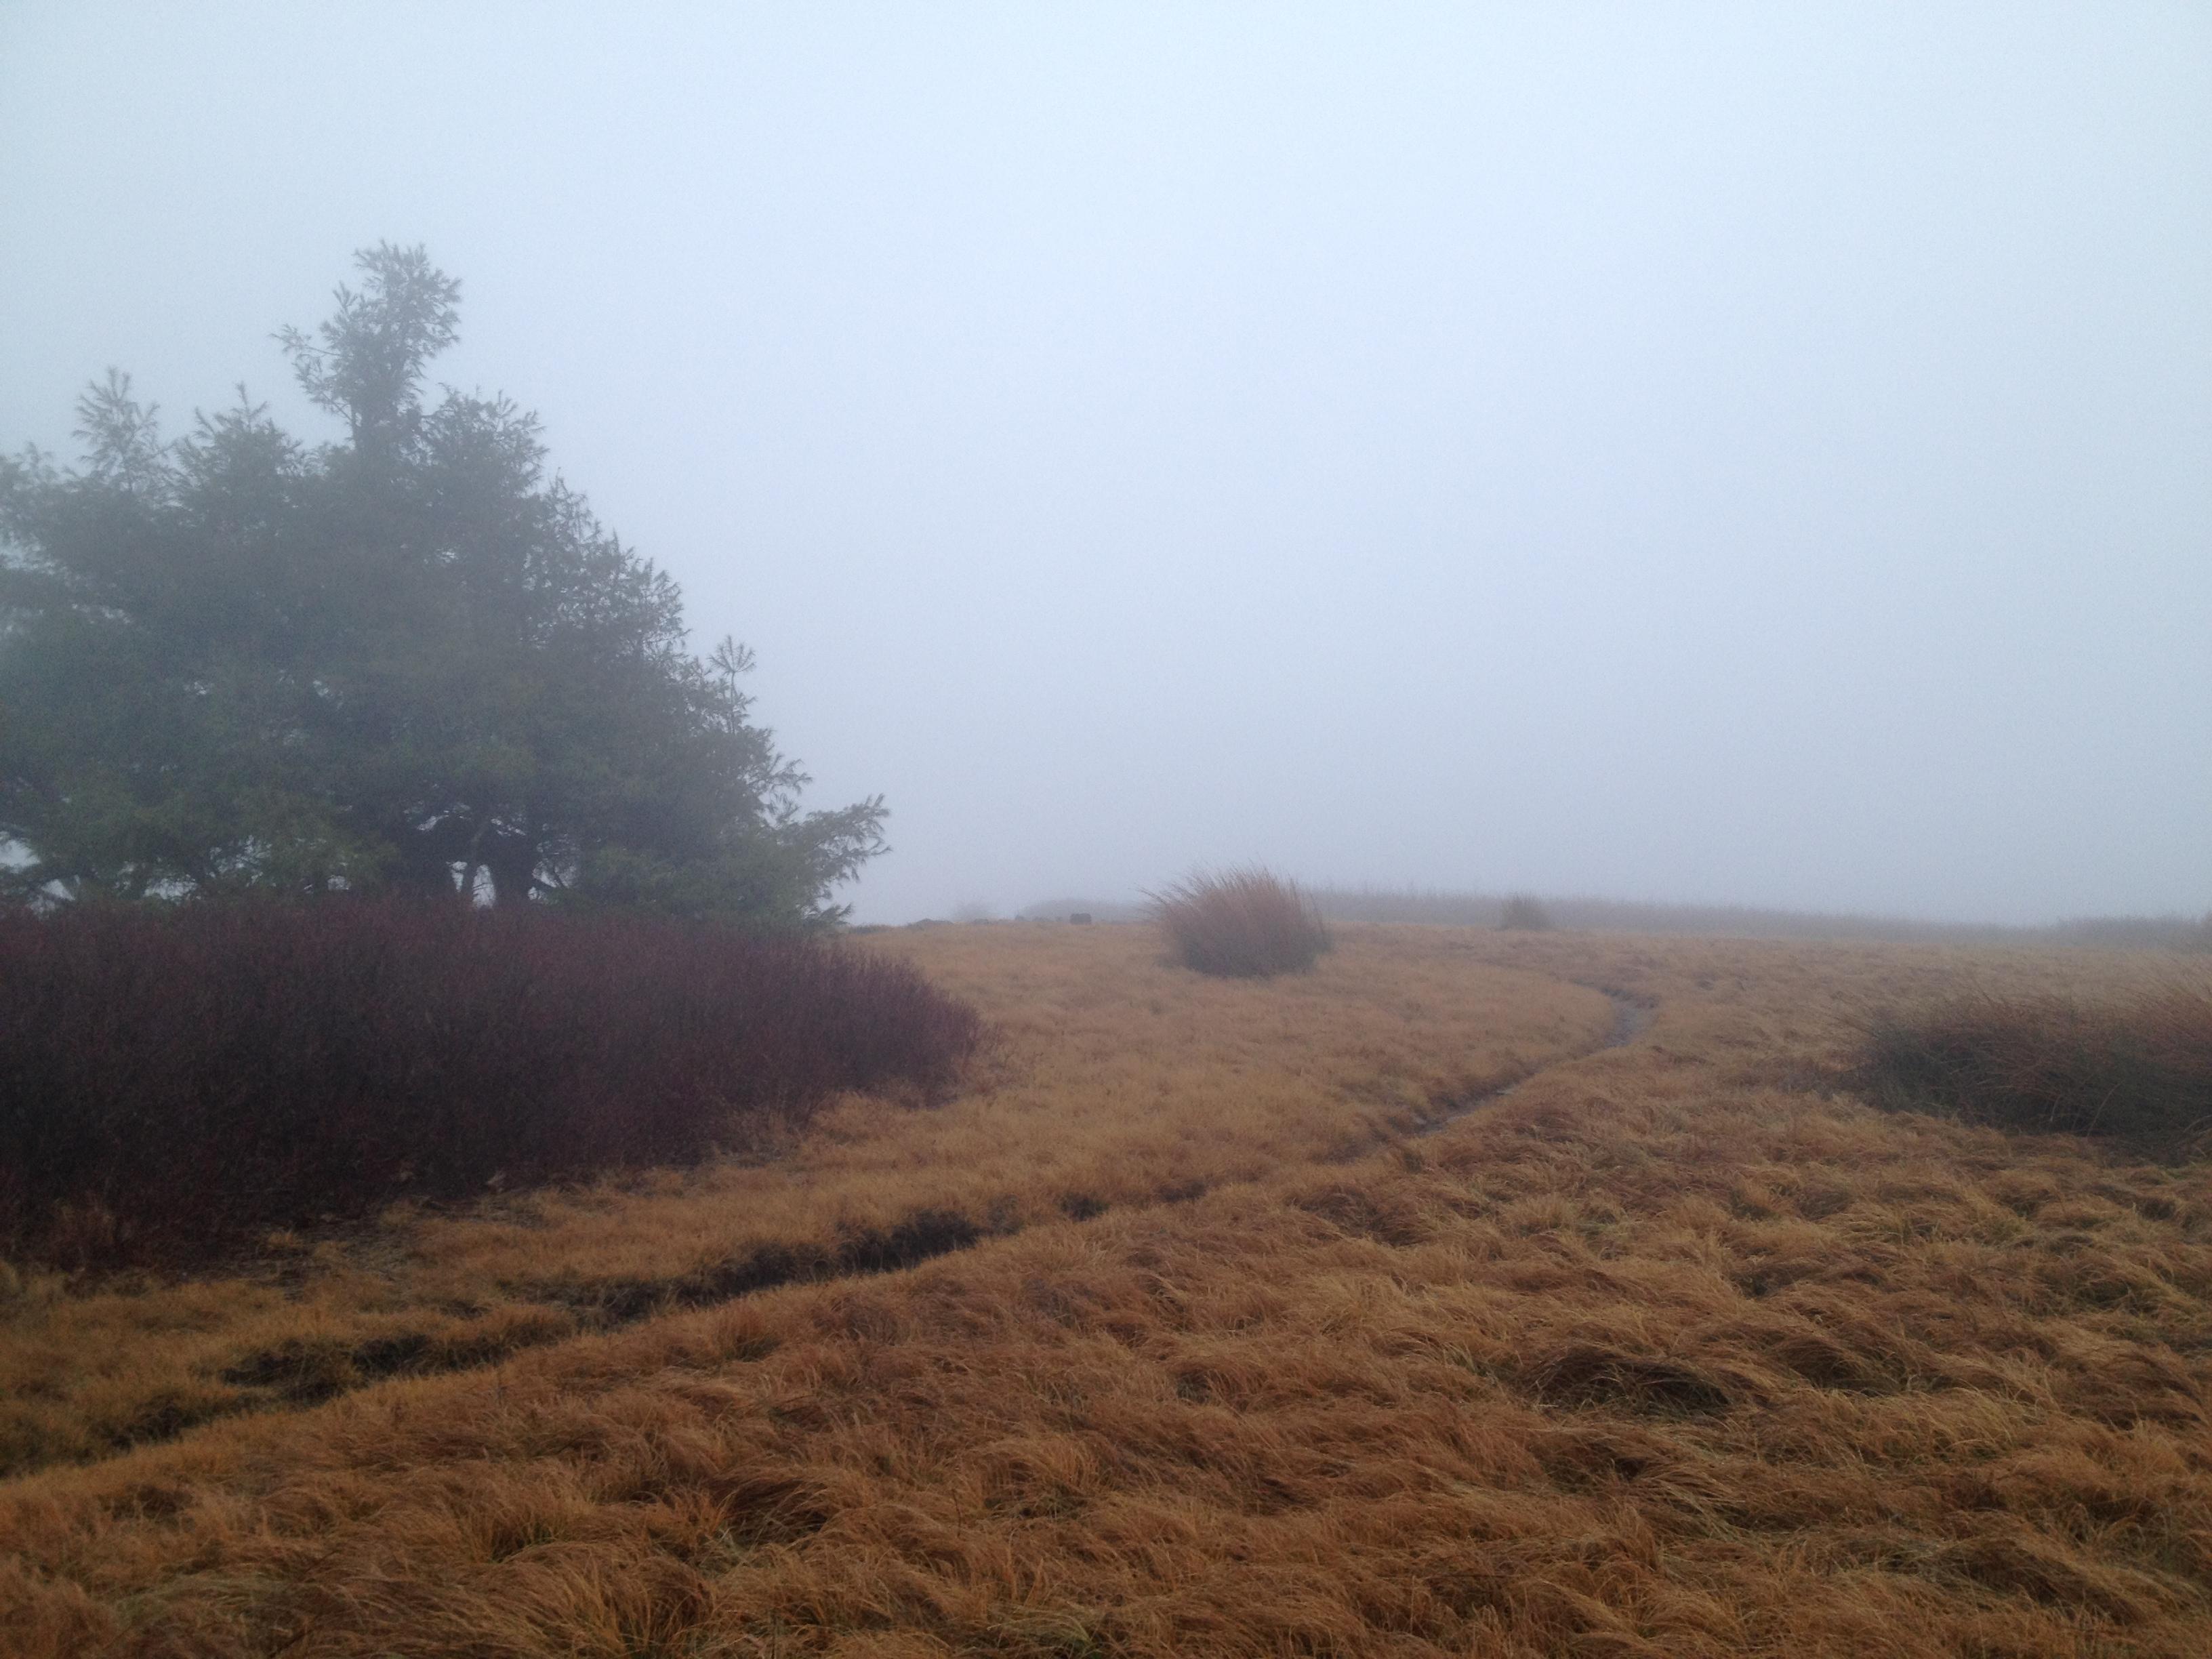 Mist shrouded Gregory Bald